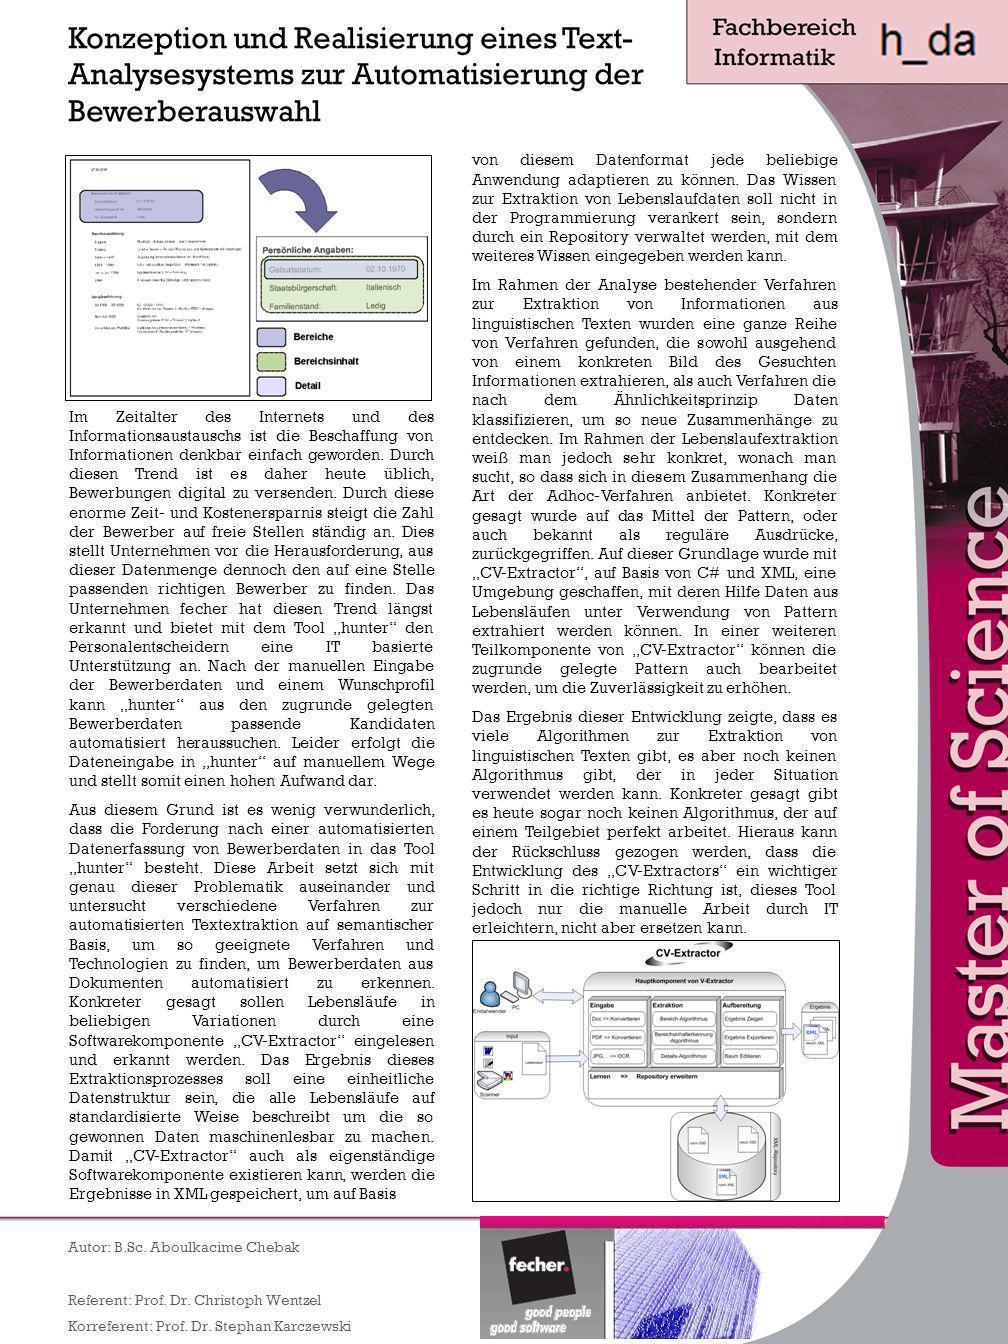 Konzeption und Realisierung eines Text- Analysesystems zur Automatisierung der Bewerberauswahl von diesem Datenformat jede beliebige Anwendung adaptie